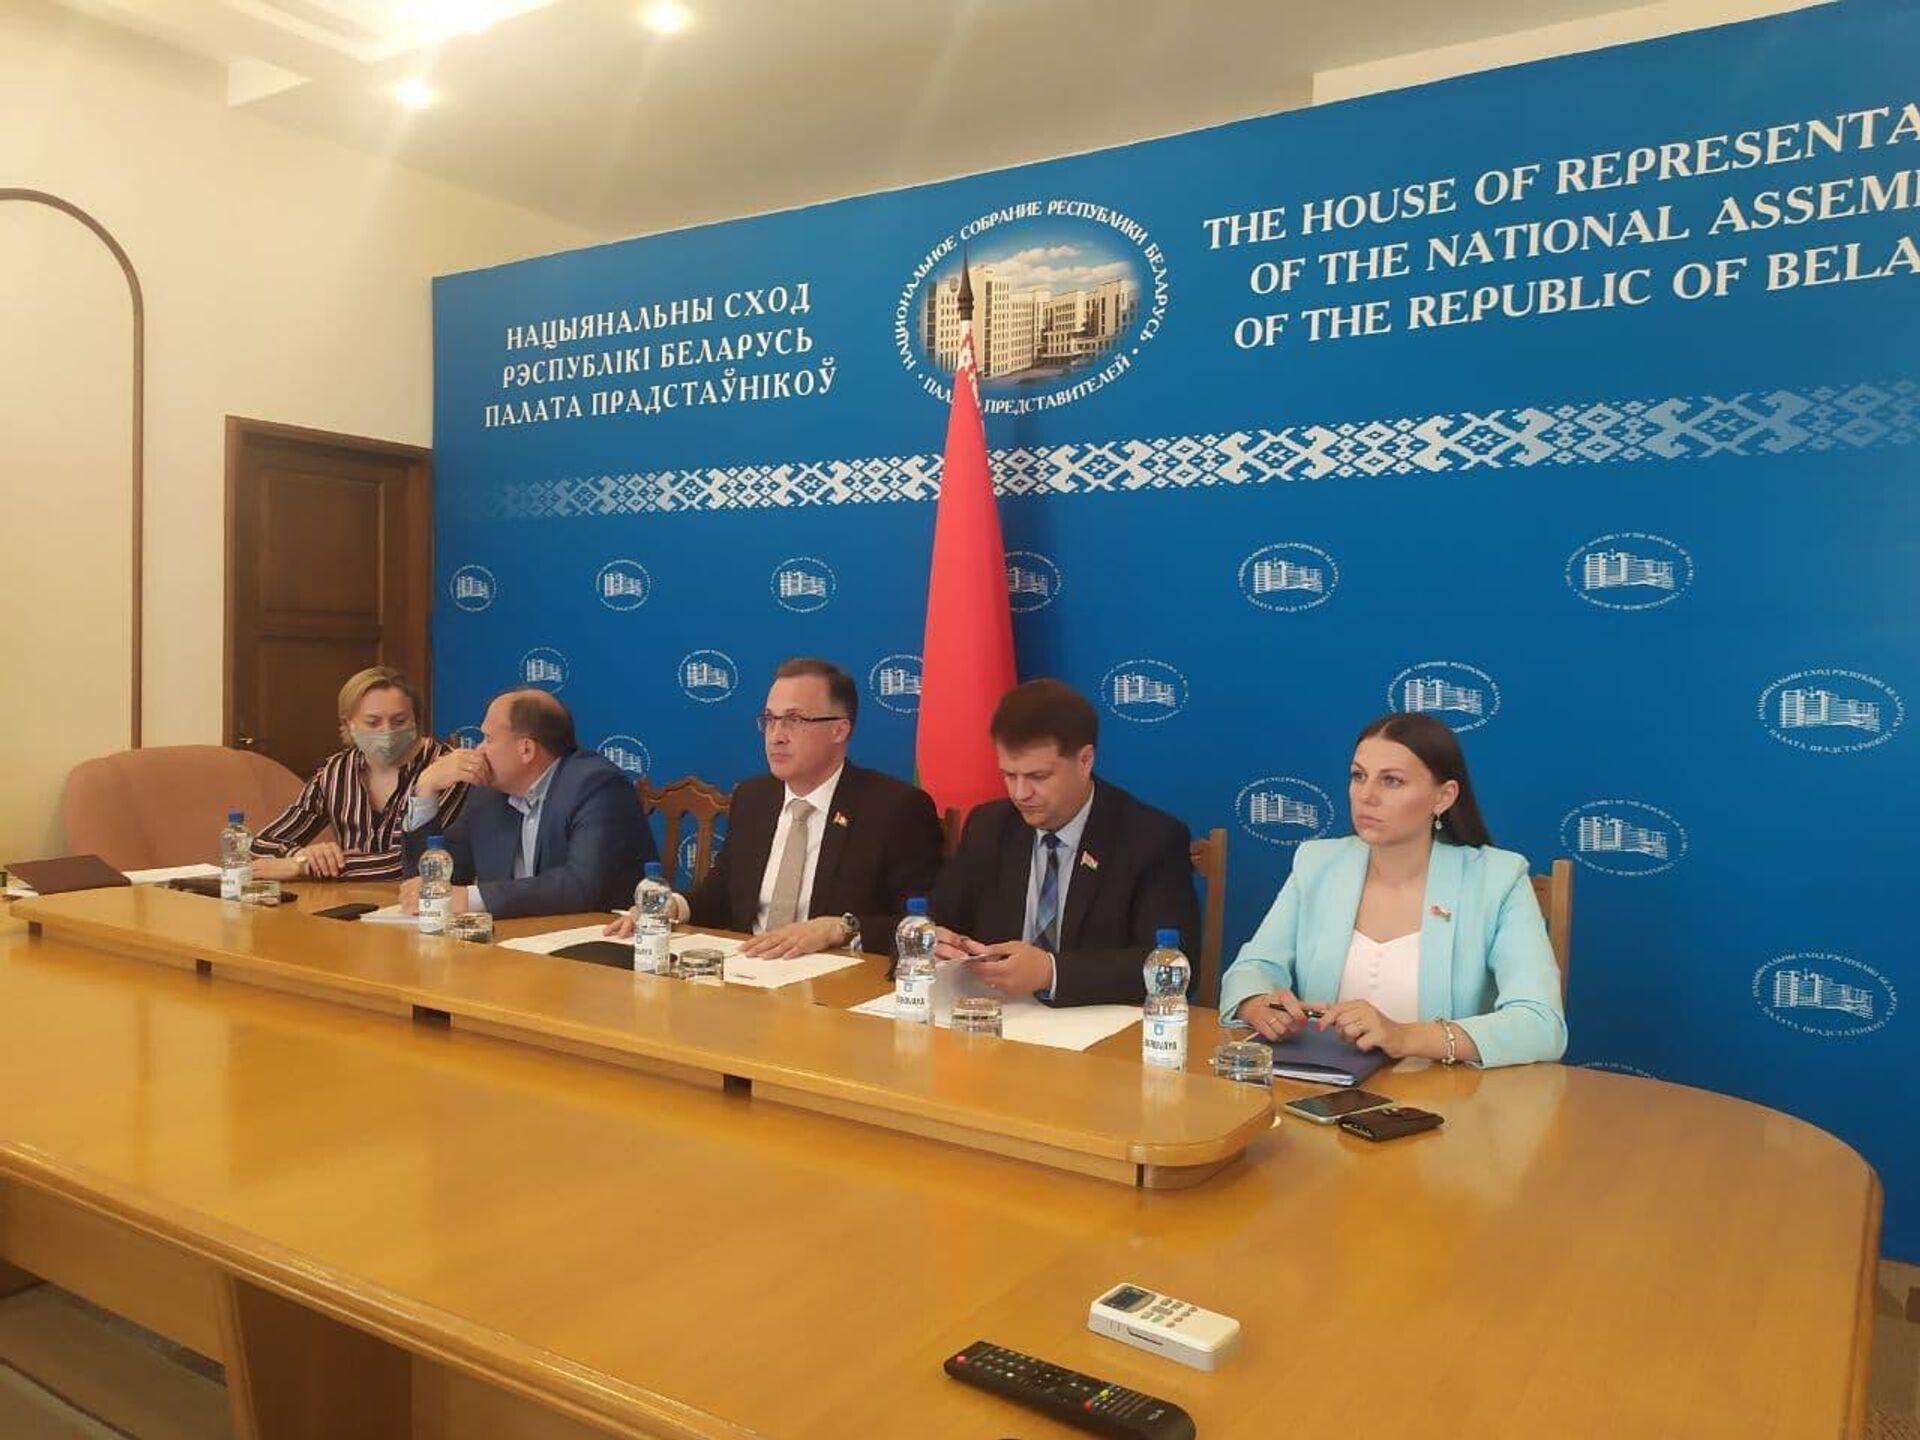 Белорусская парламентская делегация принимает участие в мероприятии в режиме видеоконференцсвязи - Sputnik Беларусь, 1920, 06.07.2021